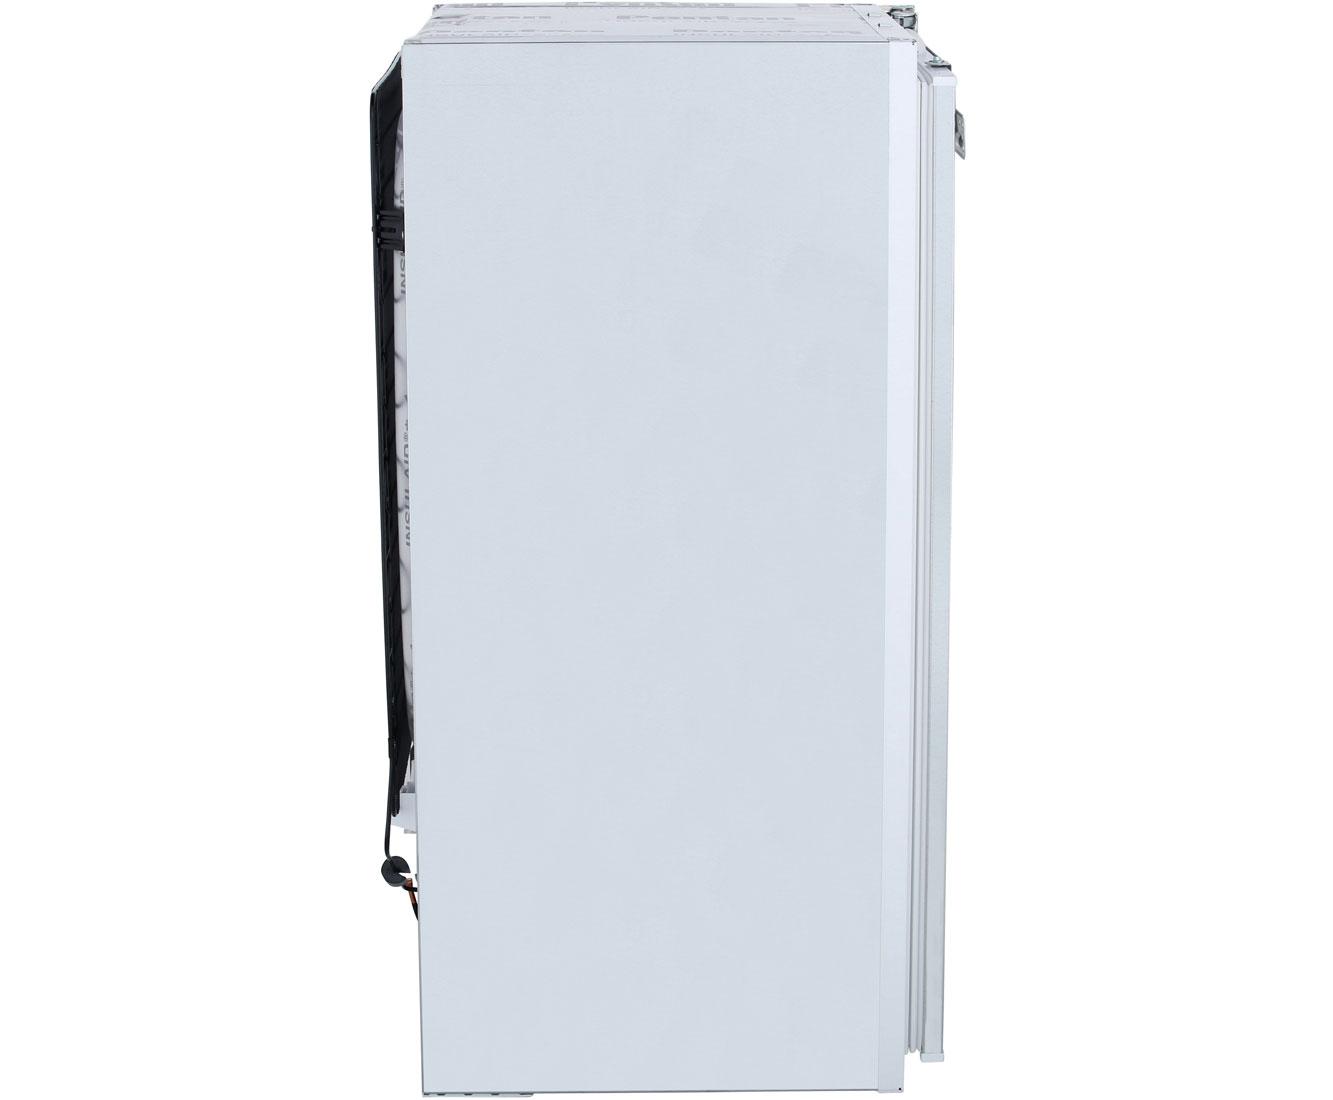 Siemens Retro Kühlschrank : Smeg kühlschrank piept dometic kühlschrank wohnmobil piept